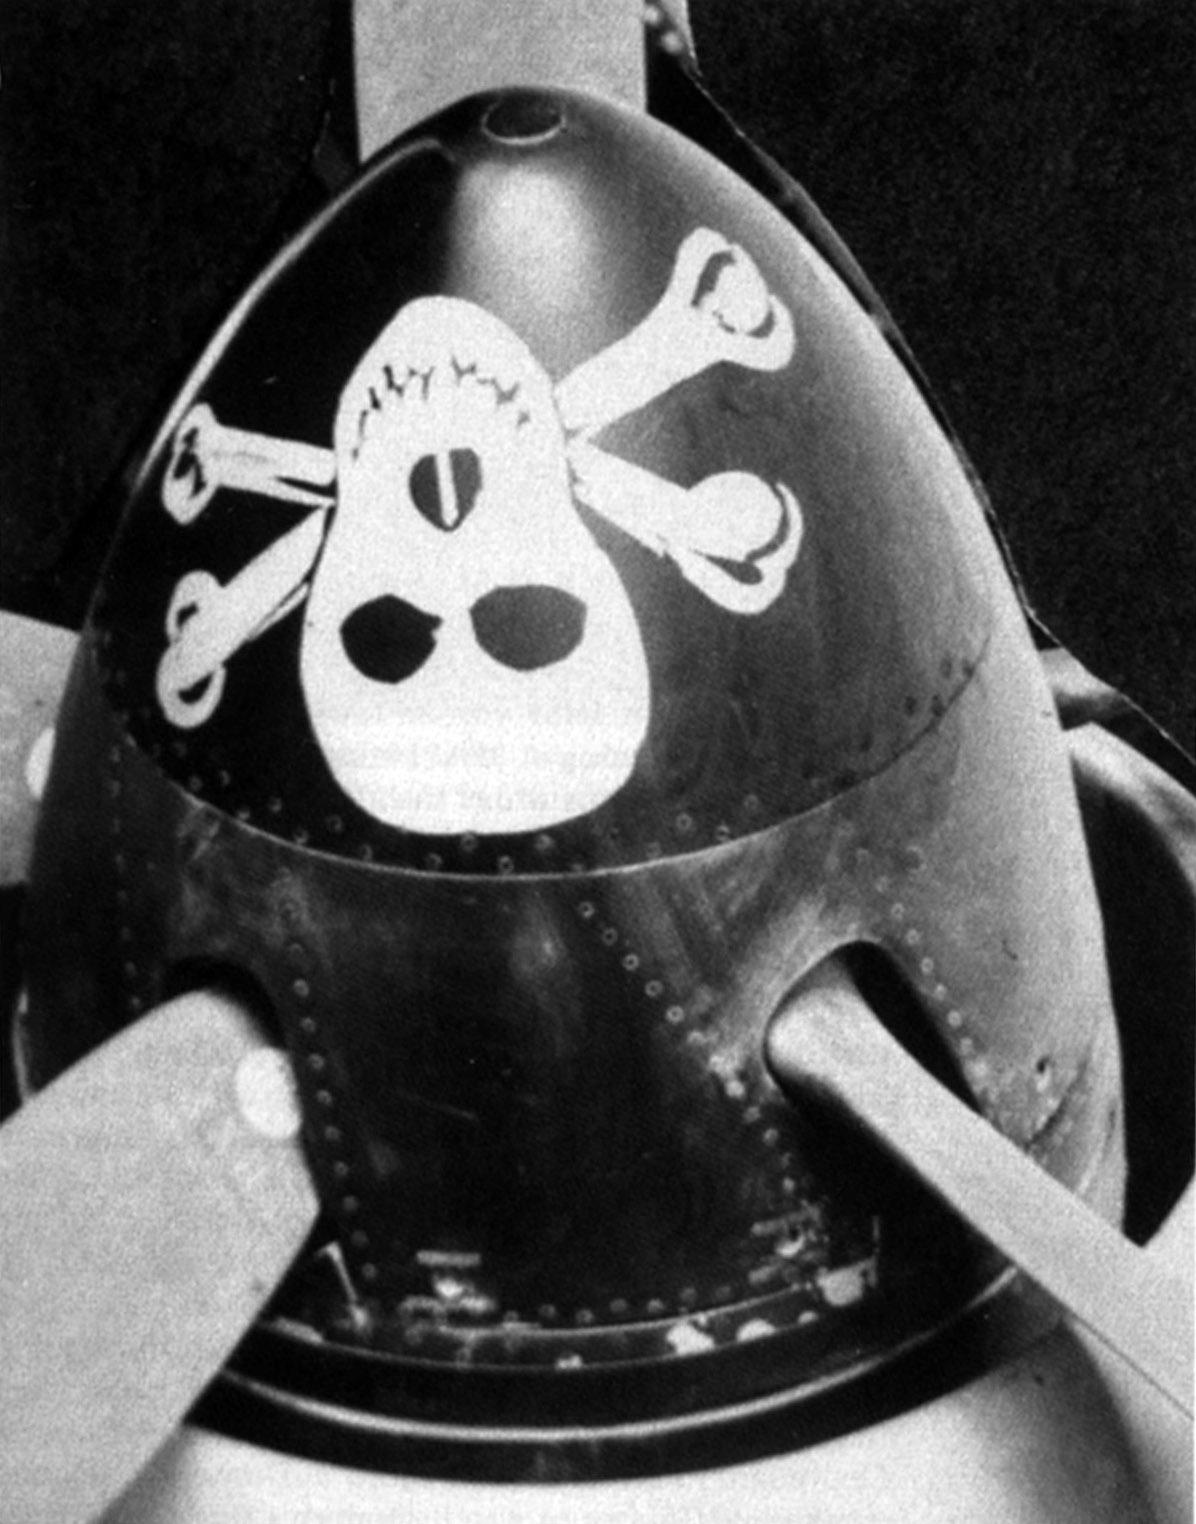 Кок винта Hawker Fury с нанесенным черепом